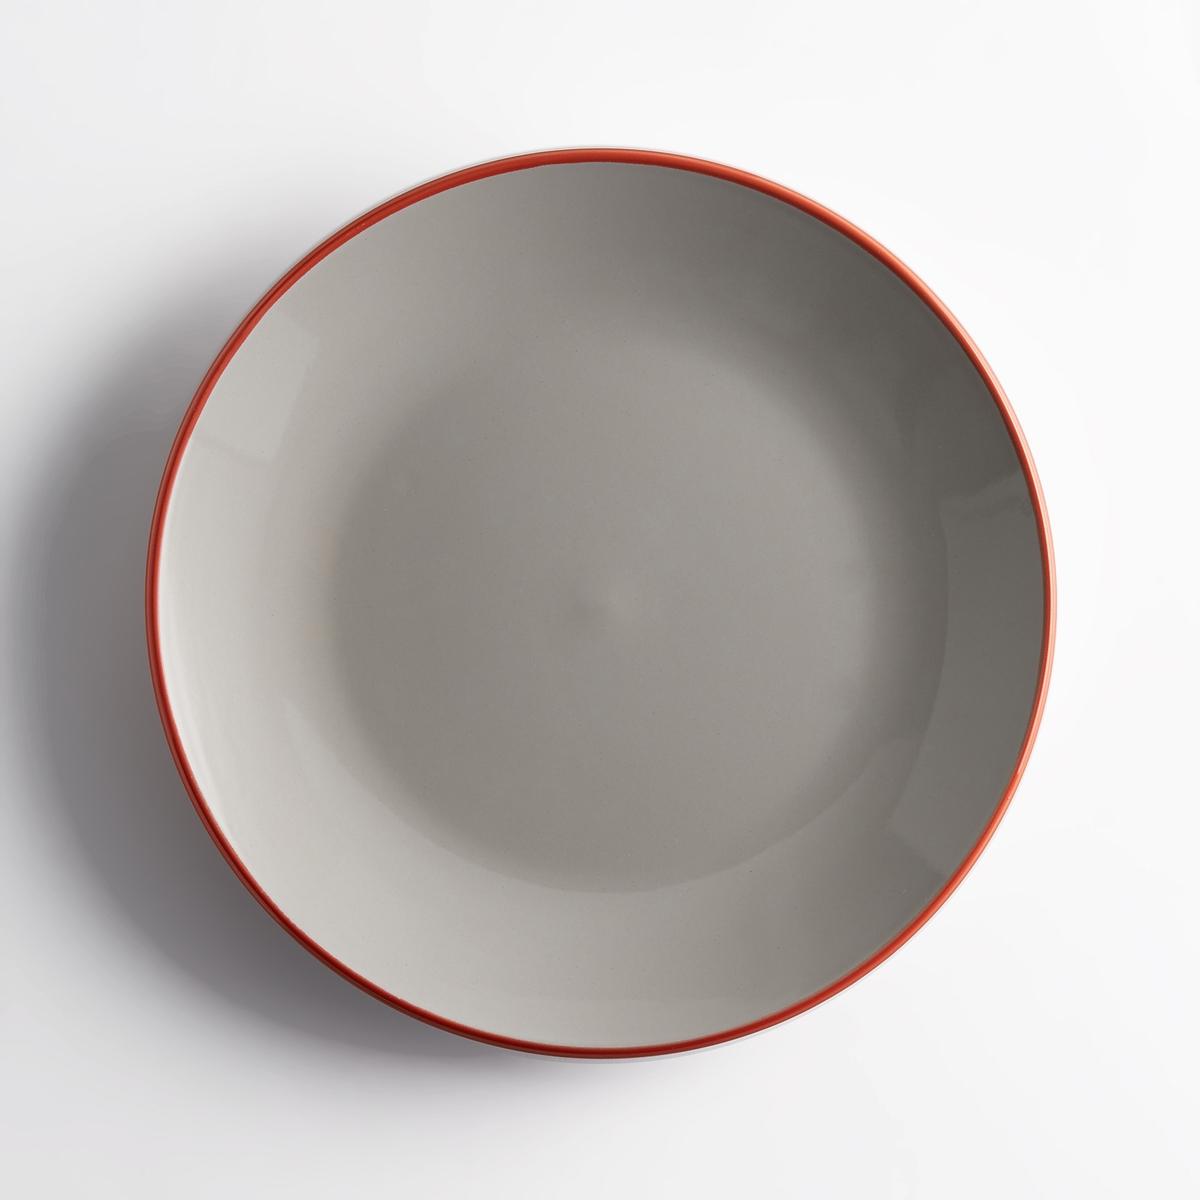 Комплект из 4 мелких тарелок из фаянса DotkaУлучшенный дизайн обеспечивает тарелке Dotka ее функциональность и сочетание с кухней в любом стиле. Характеристики 4 мелких тарелок Dotka :Из фаянса.Кайма контрастного цвета.Размеры 4 мелких тарелок Dotka :диаметр 27,20 см.Цвета :Зеленый.Бледно-розовый.Серый.Другие тарелки и предметы декора стола вы можете найти на сайте laredoute.ru<br><br>Цвет: зеленый,серый,темно-розовый